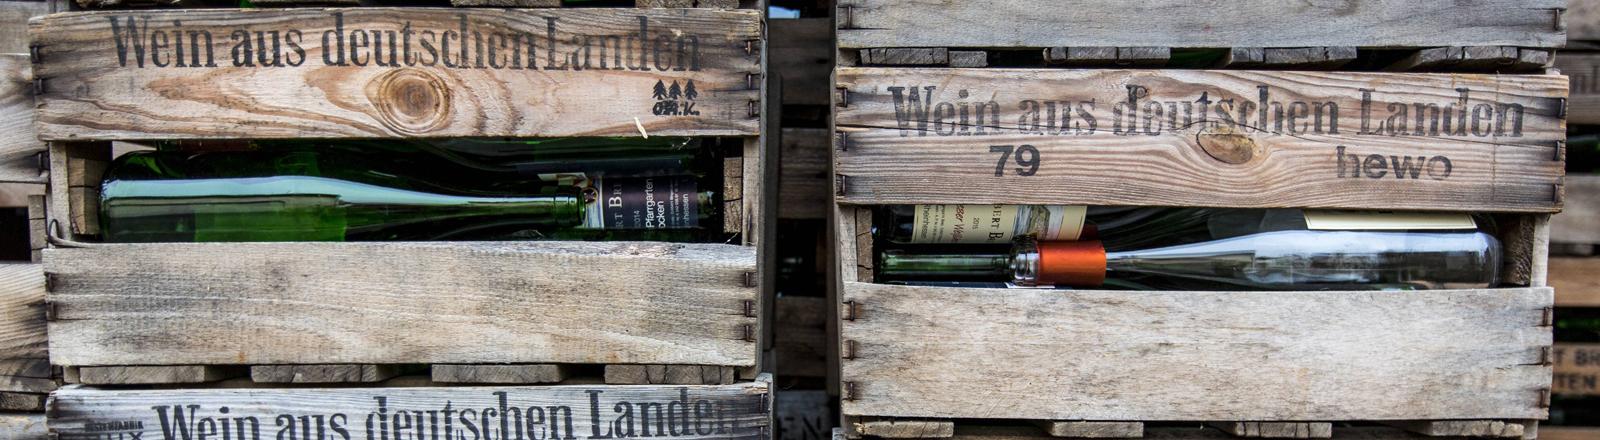 Wein in Kisten